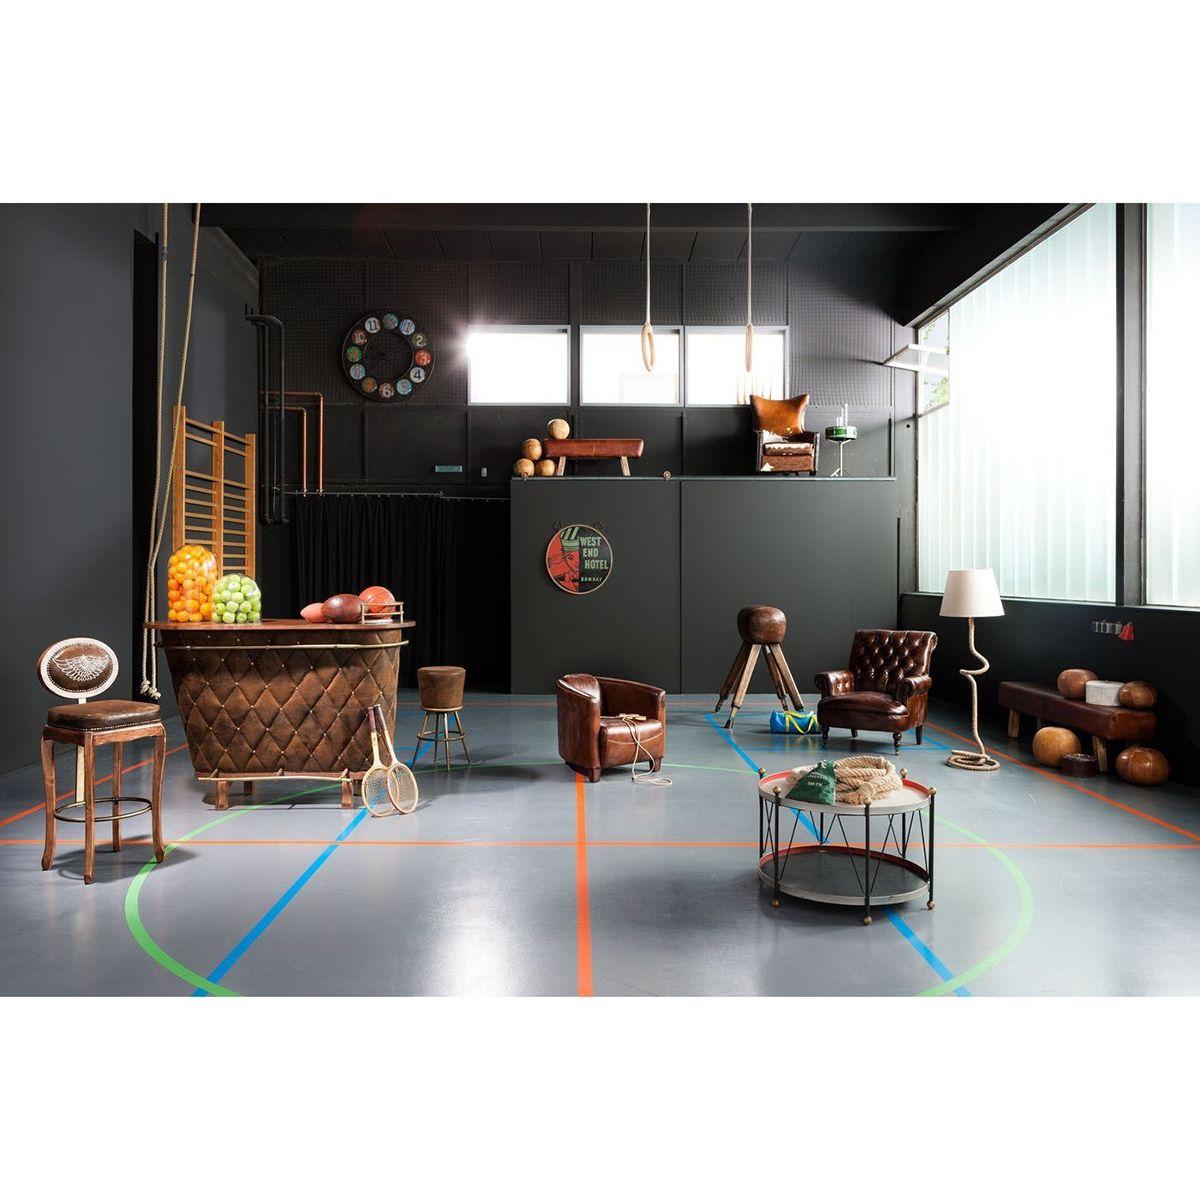 Gemütlich Kücheninsel Designs Mit Tischhöhe Sitz Fotos - Küchen ...